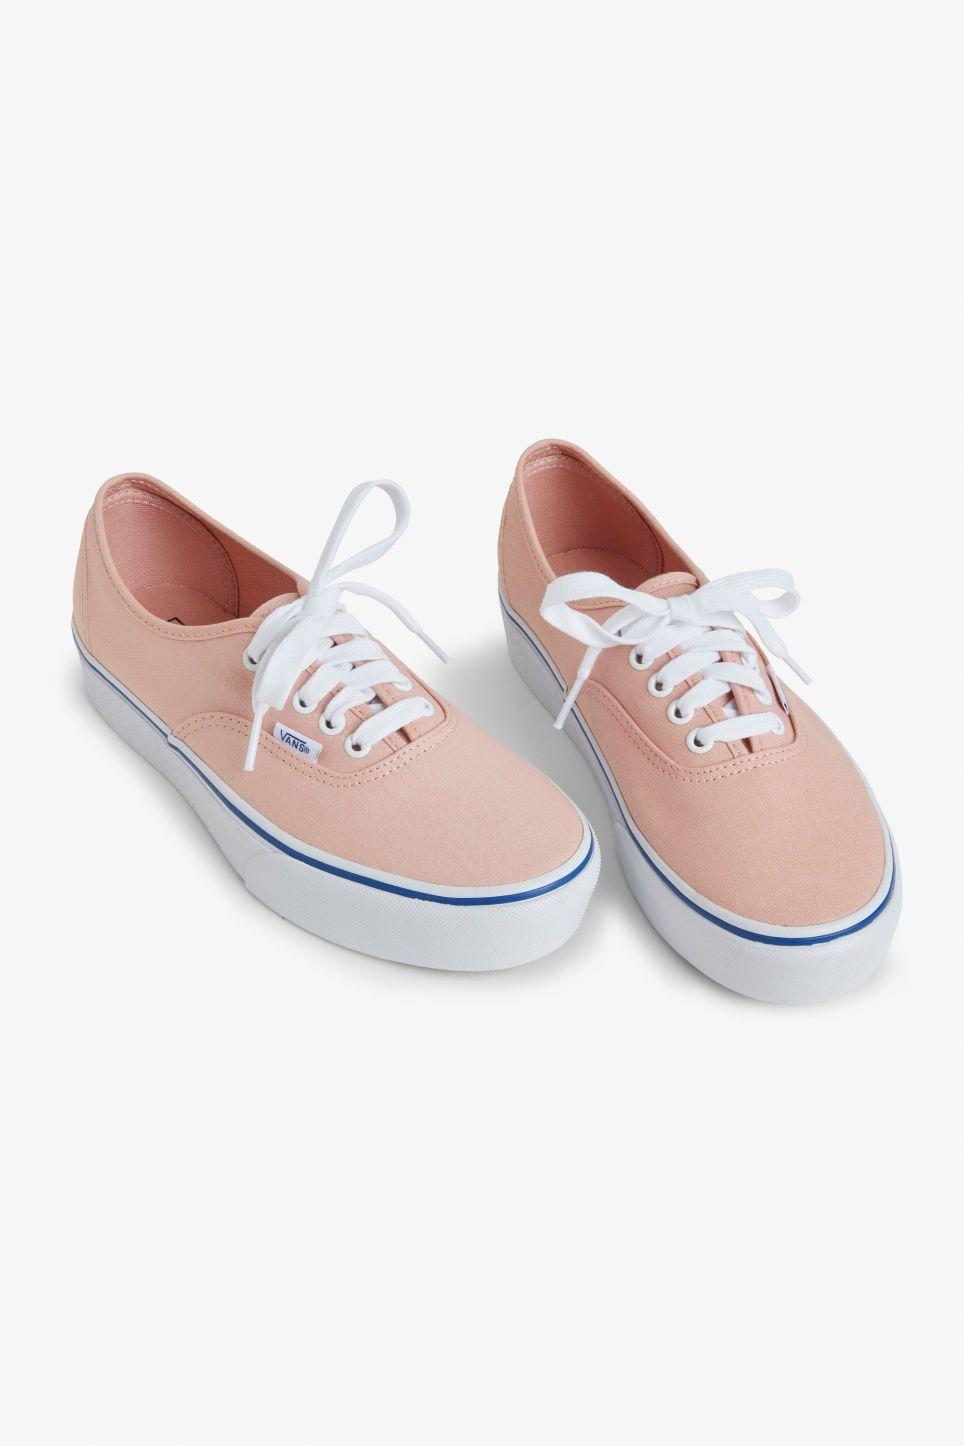 Shoes   Vans shoes women